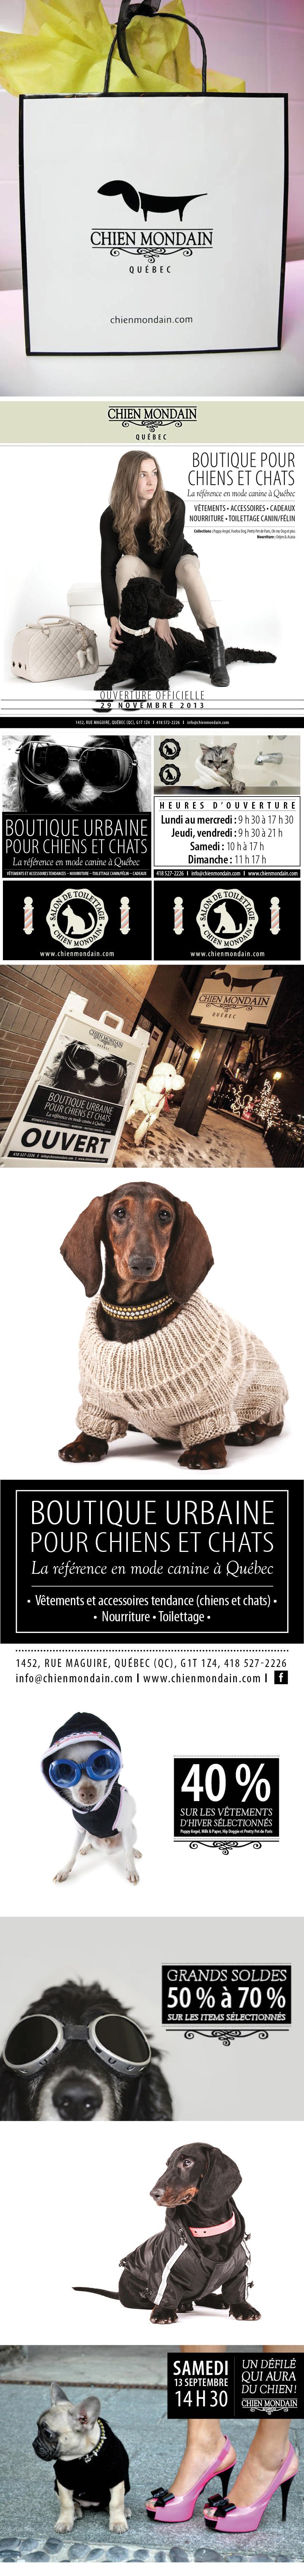 boutique dog chien Quebec mondain   Pet animal